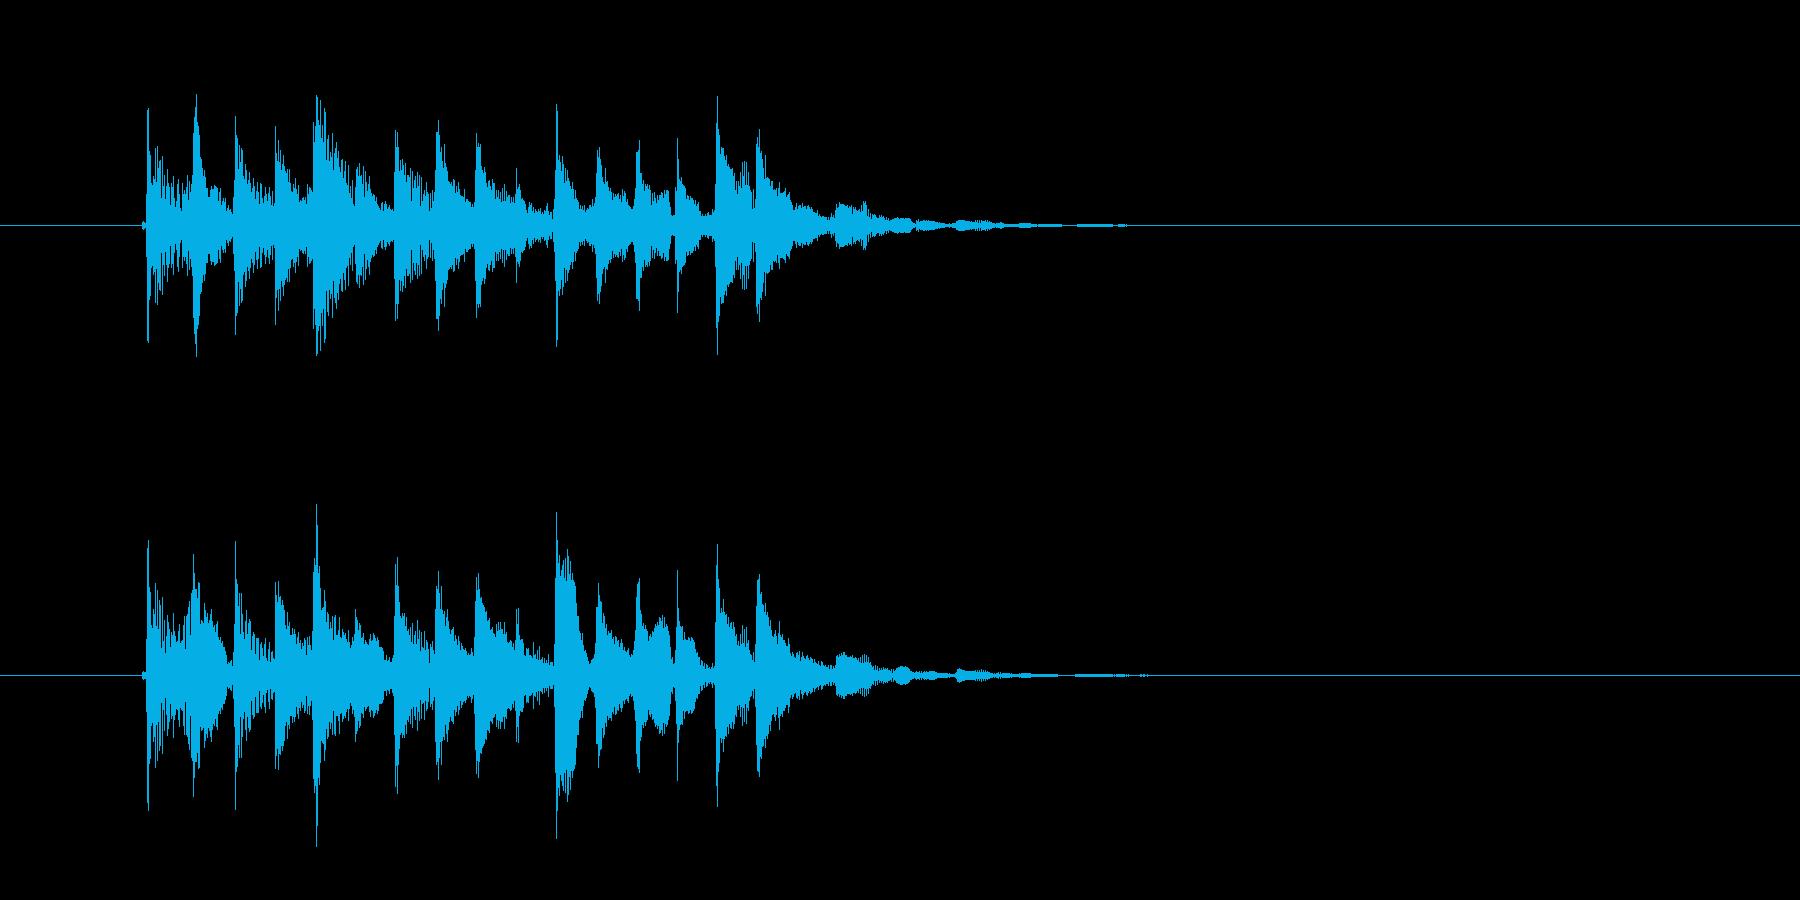 繊細なシンセサイザーのテクノポップスの再生済みの波形